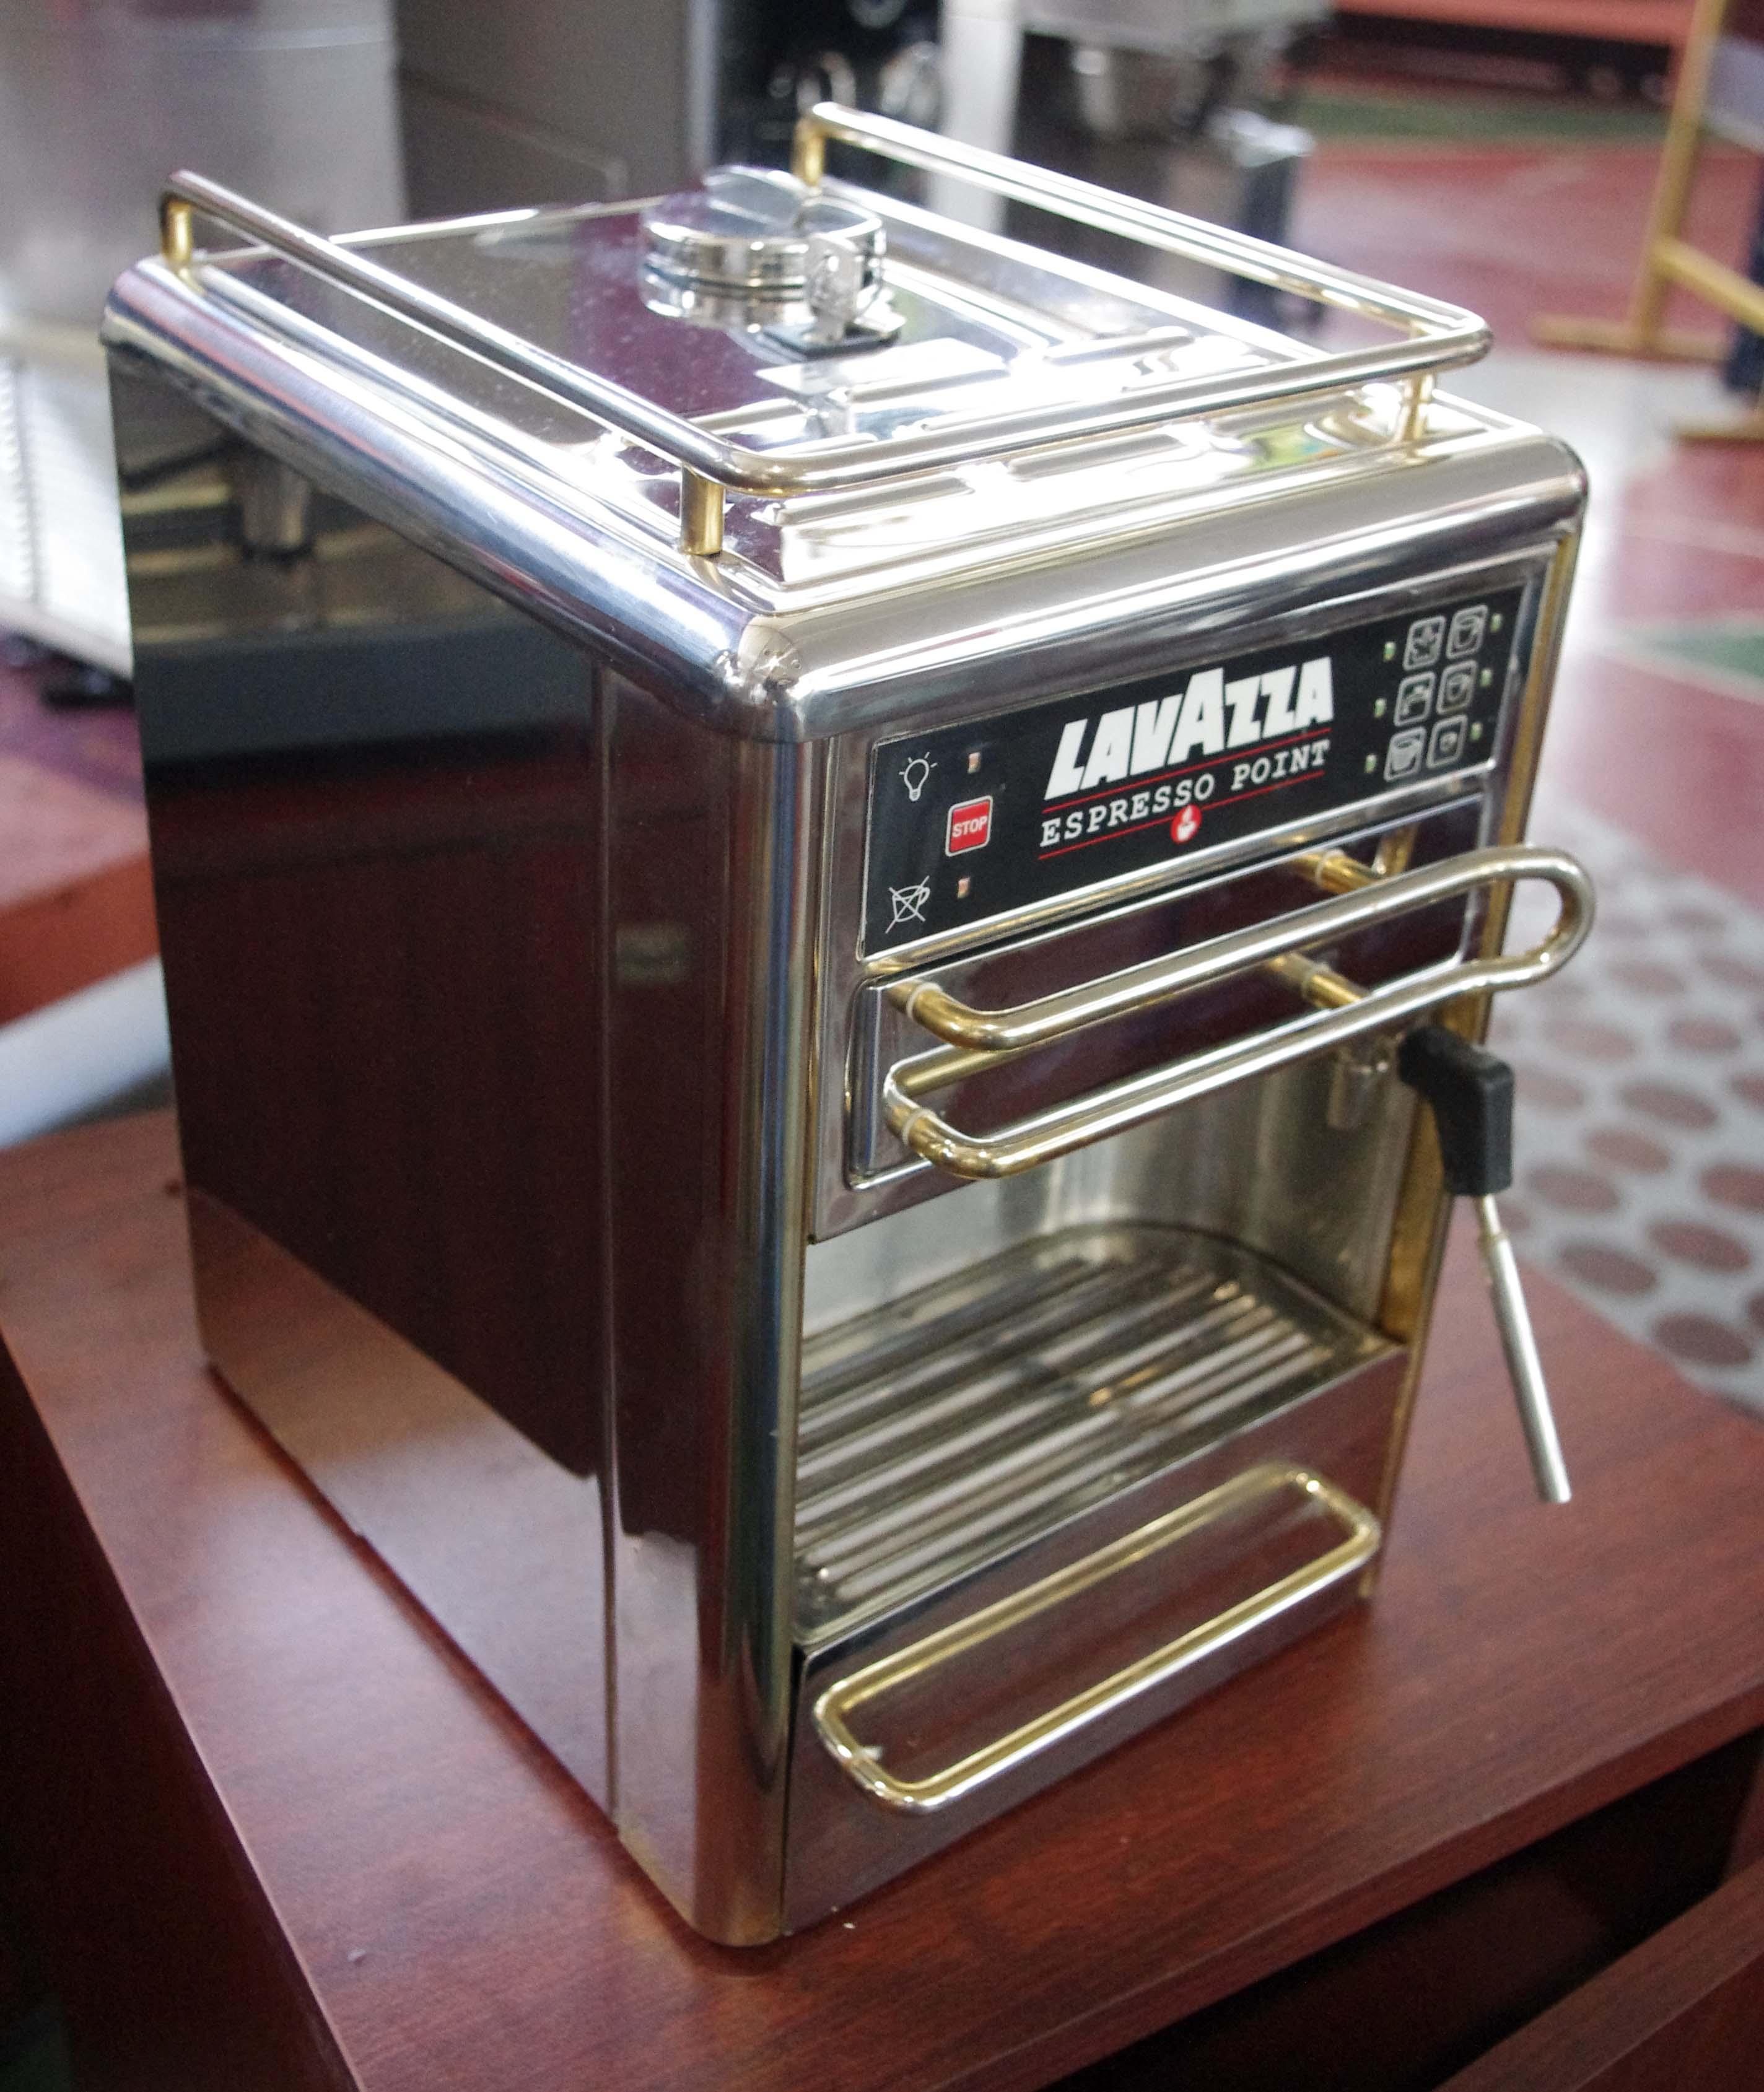 lavazza espresso point 70 cups espresso machine ebay. Black Bedroom Furniture Sets. Home Design Ideas